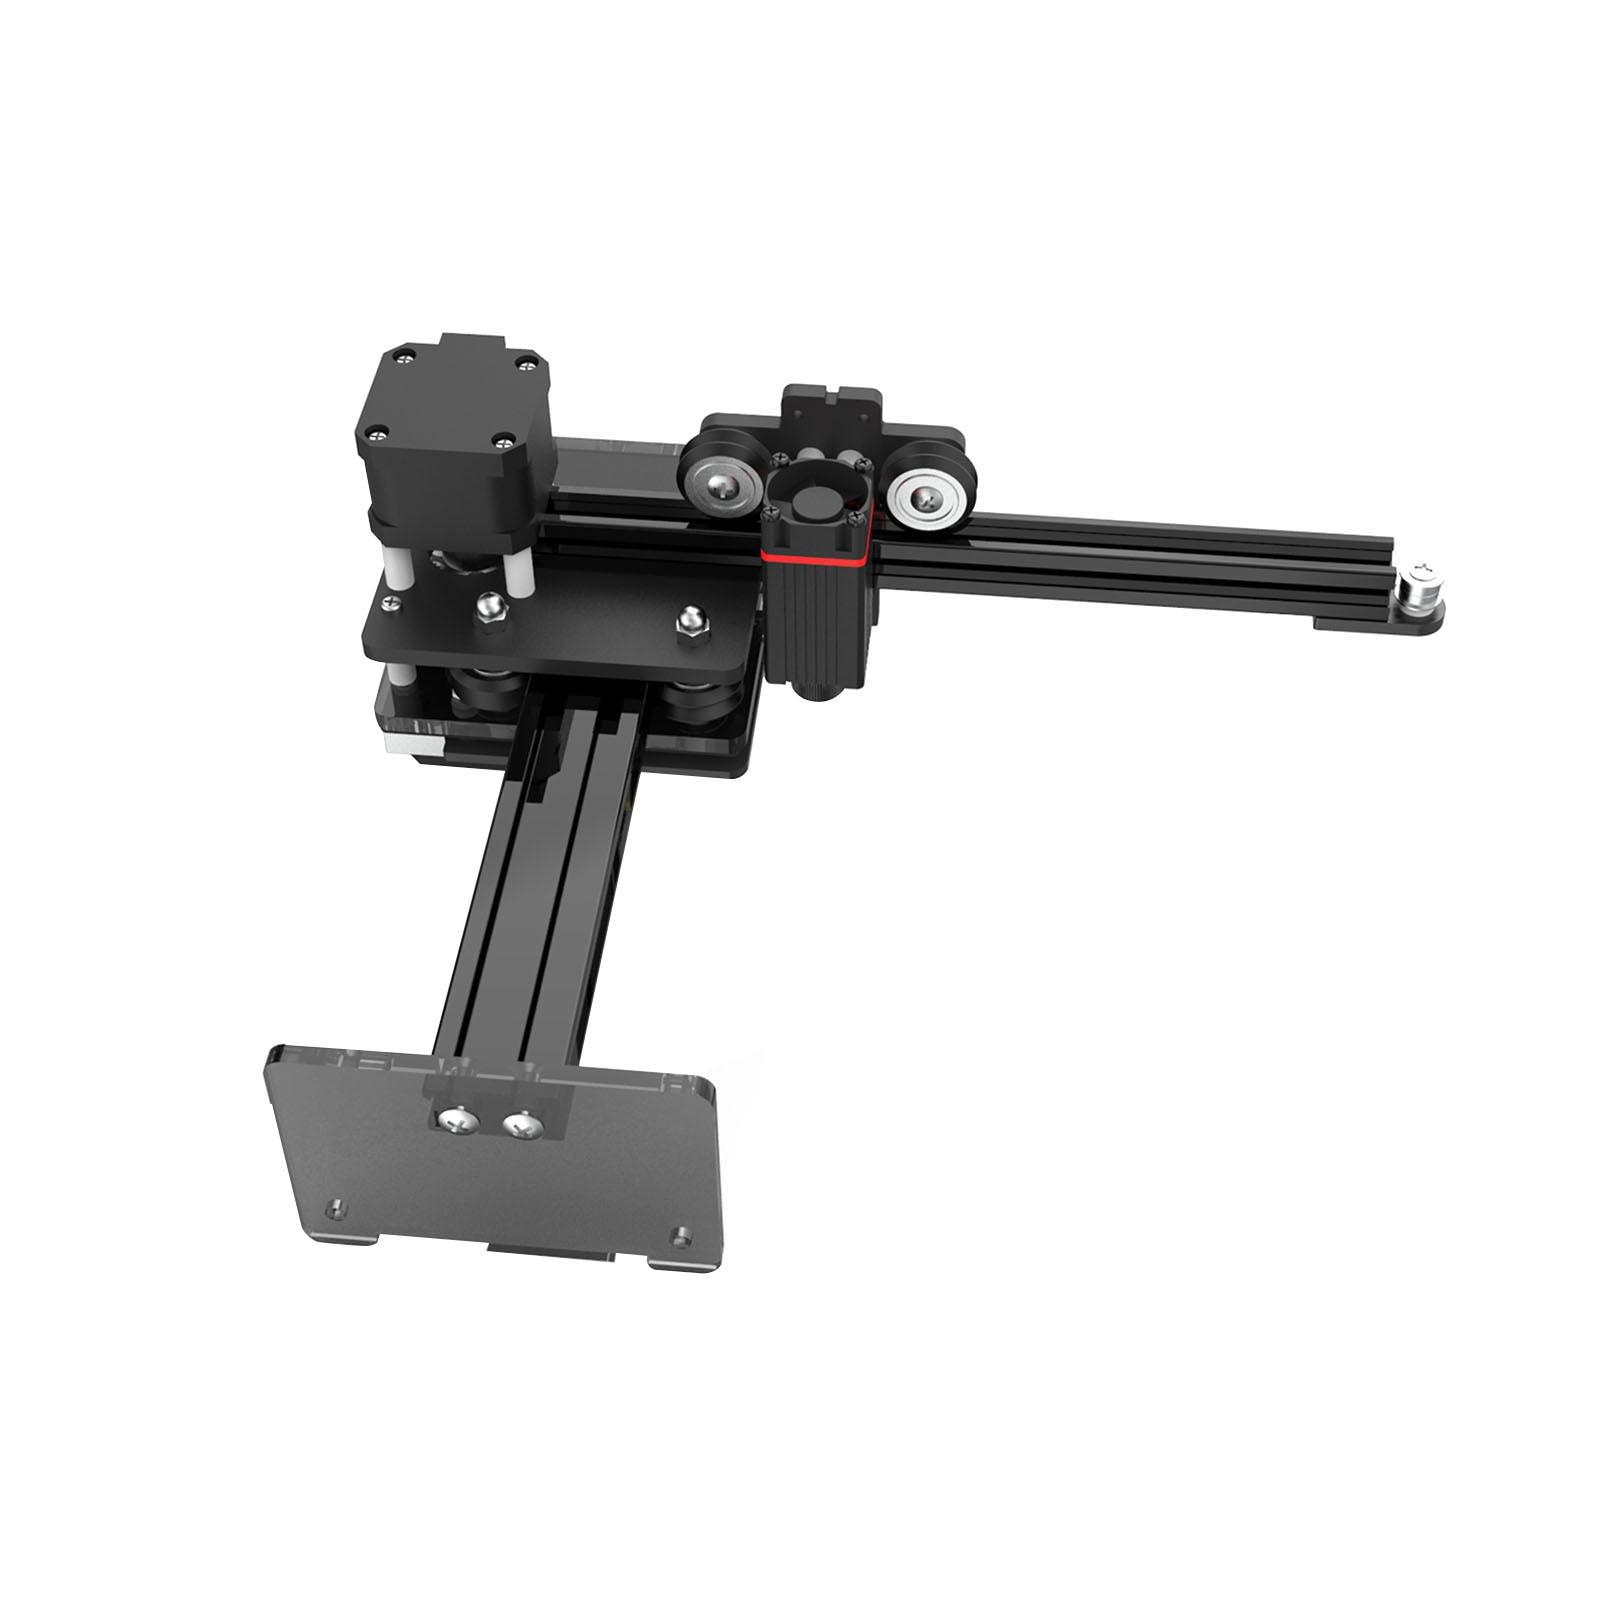 NEJE Master 10 Вт лазерный гравер с ЧПУ лазерная гравировка режущий станок DIY лазерная маркировка для металла 11x12 см лазерный принтер резак